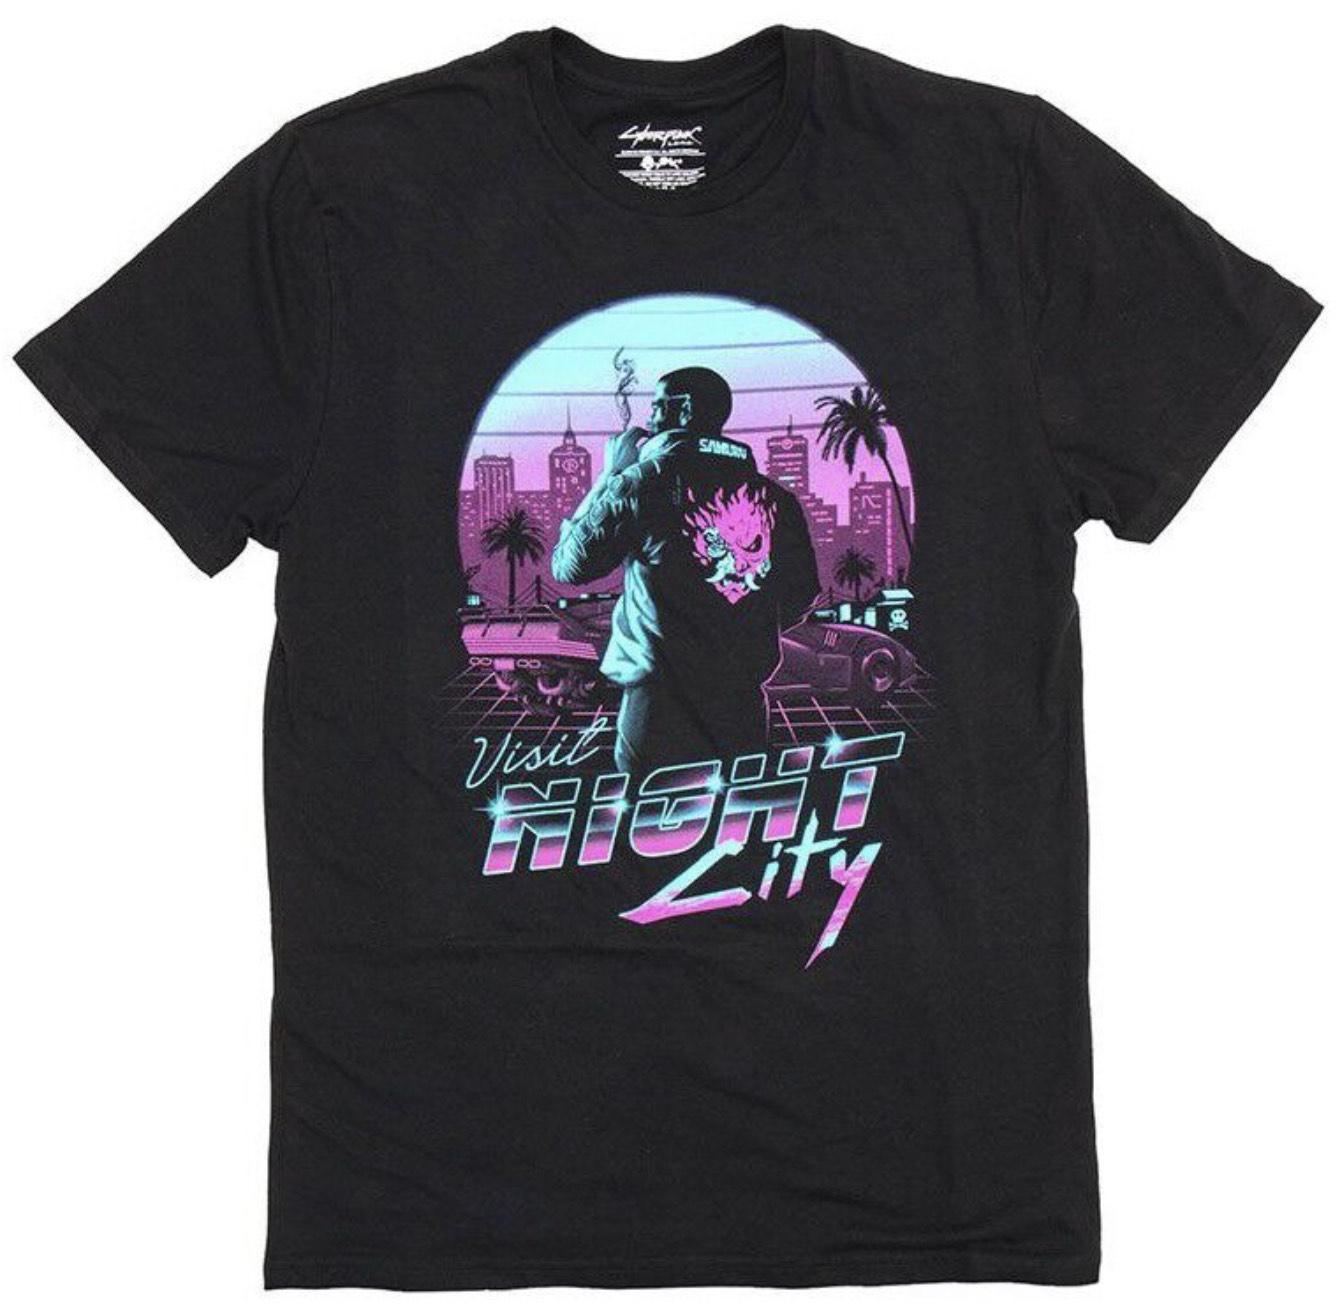 T-shirt Cyberpunk 2077 - Modèles & Tailles au choix (Via Retrait dans une sélection de magasins)